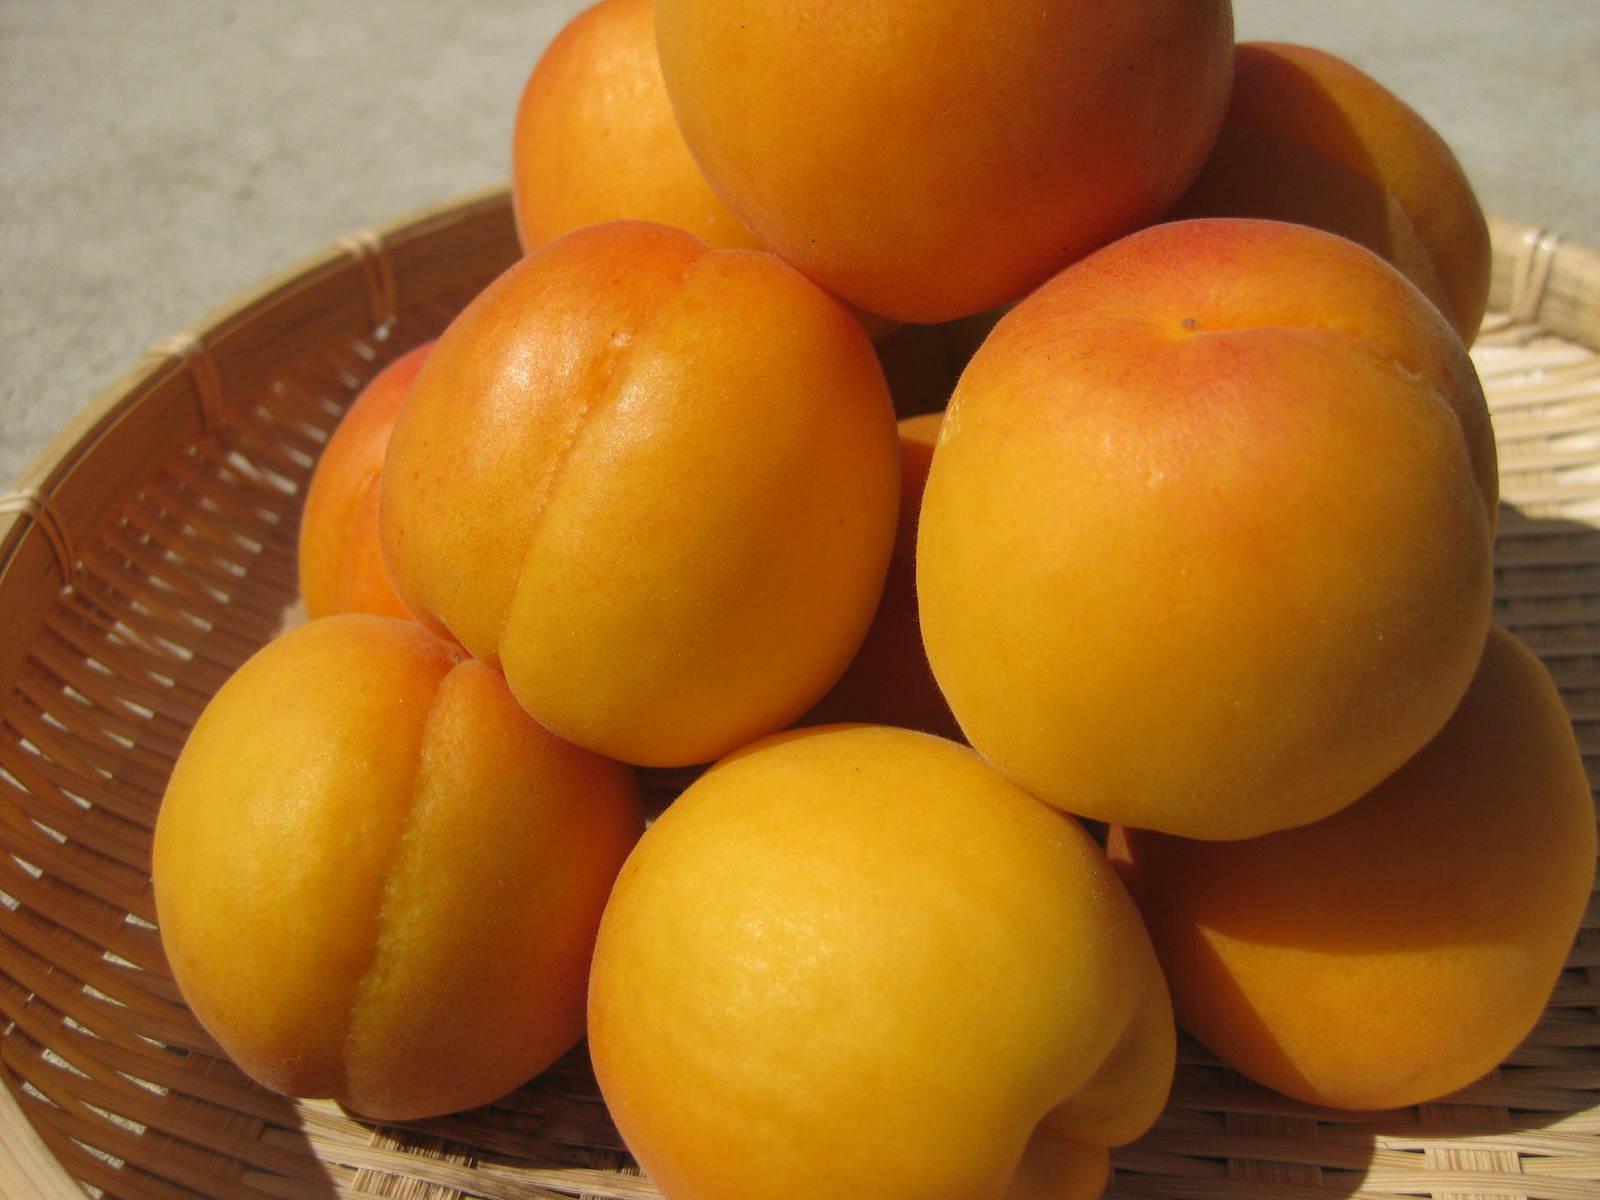 【送料無料】硬めのアンズで主に杏酒に最適な「長野県産 生アンズ 約2kg箱」